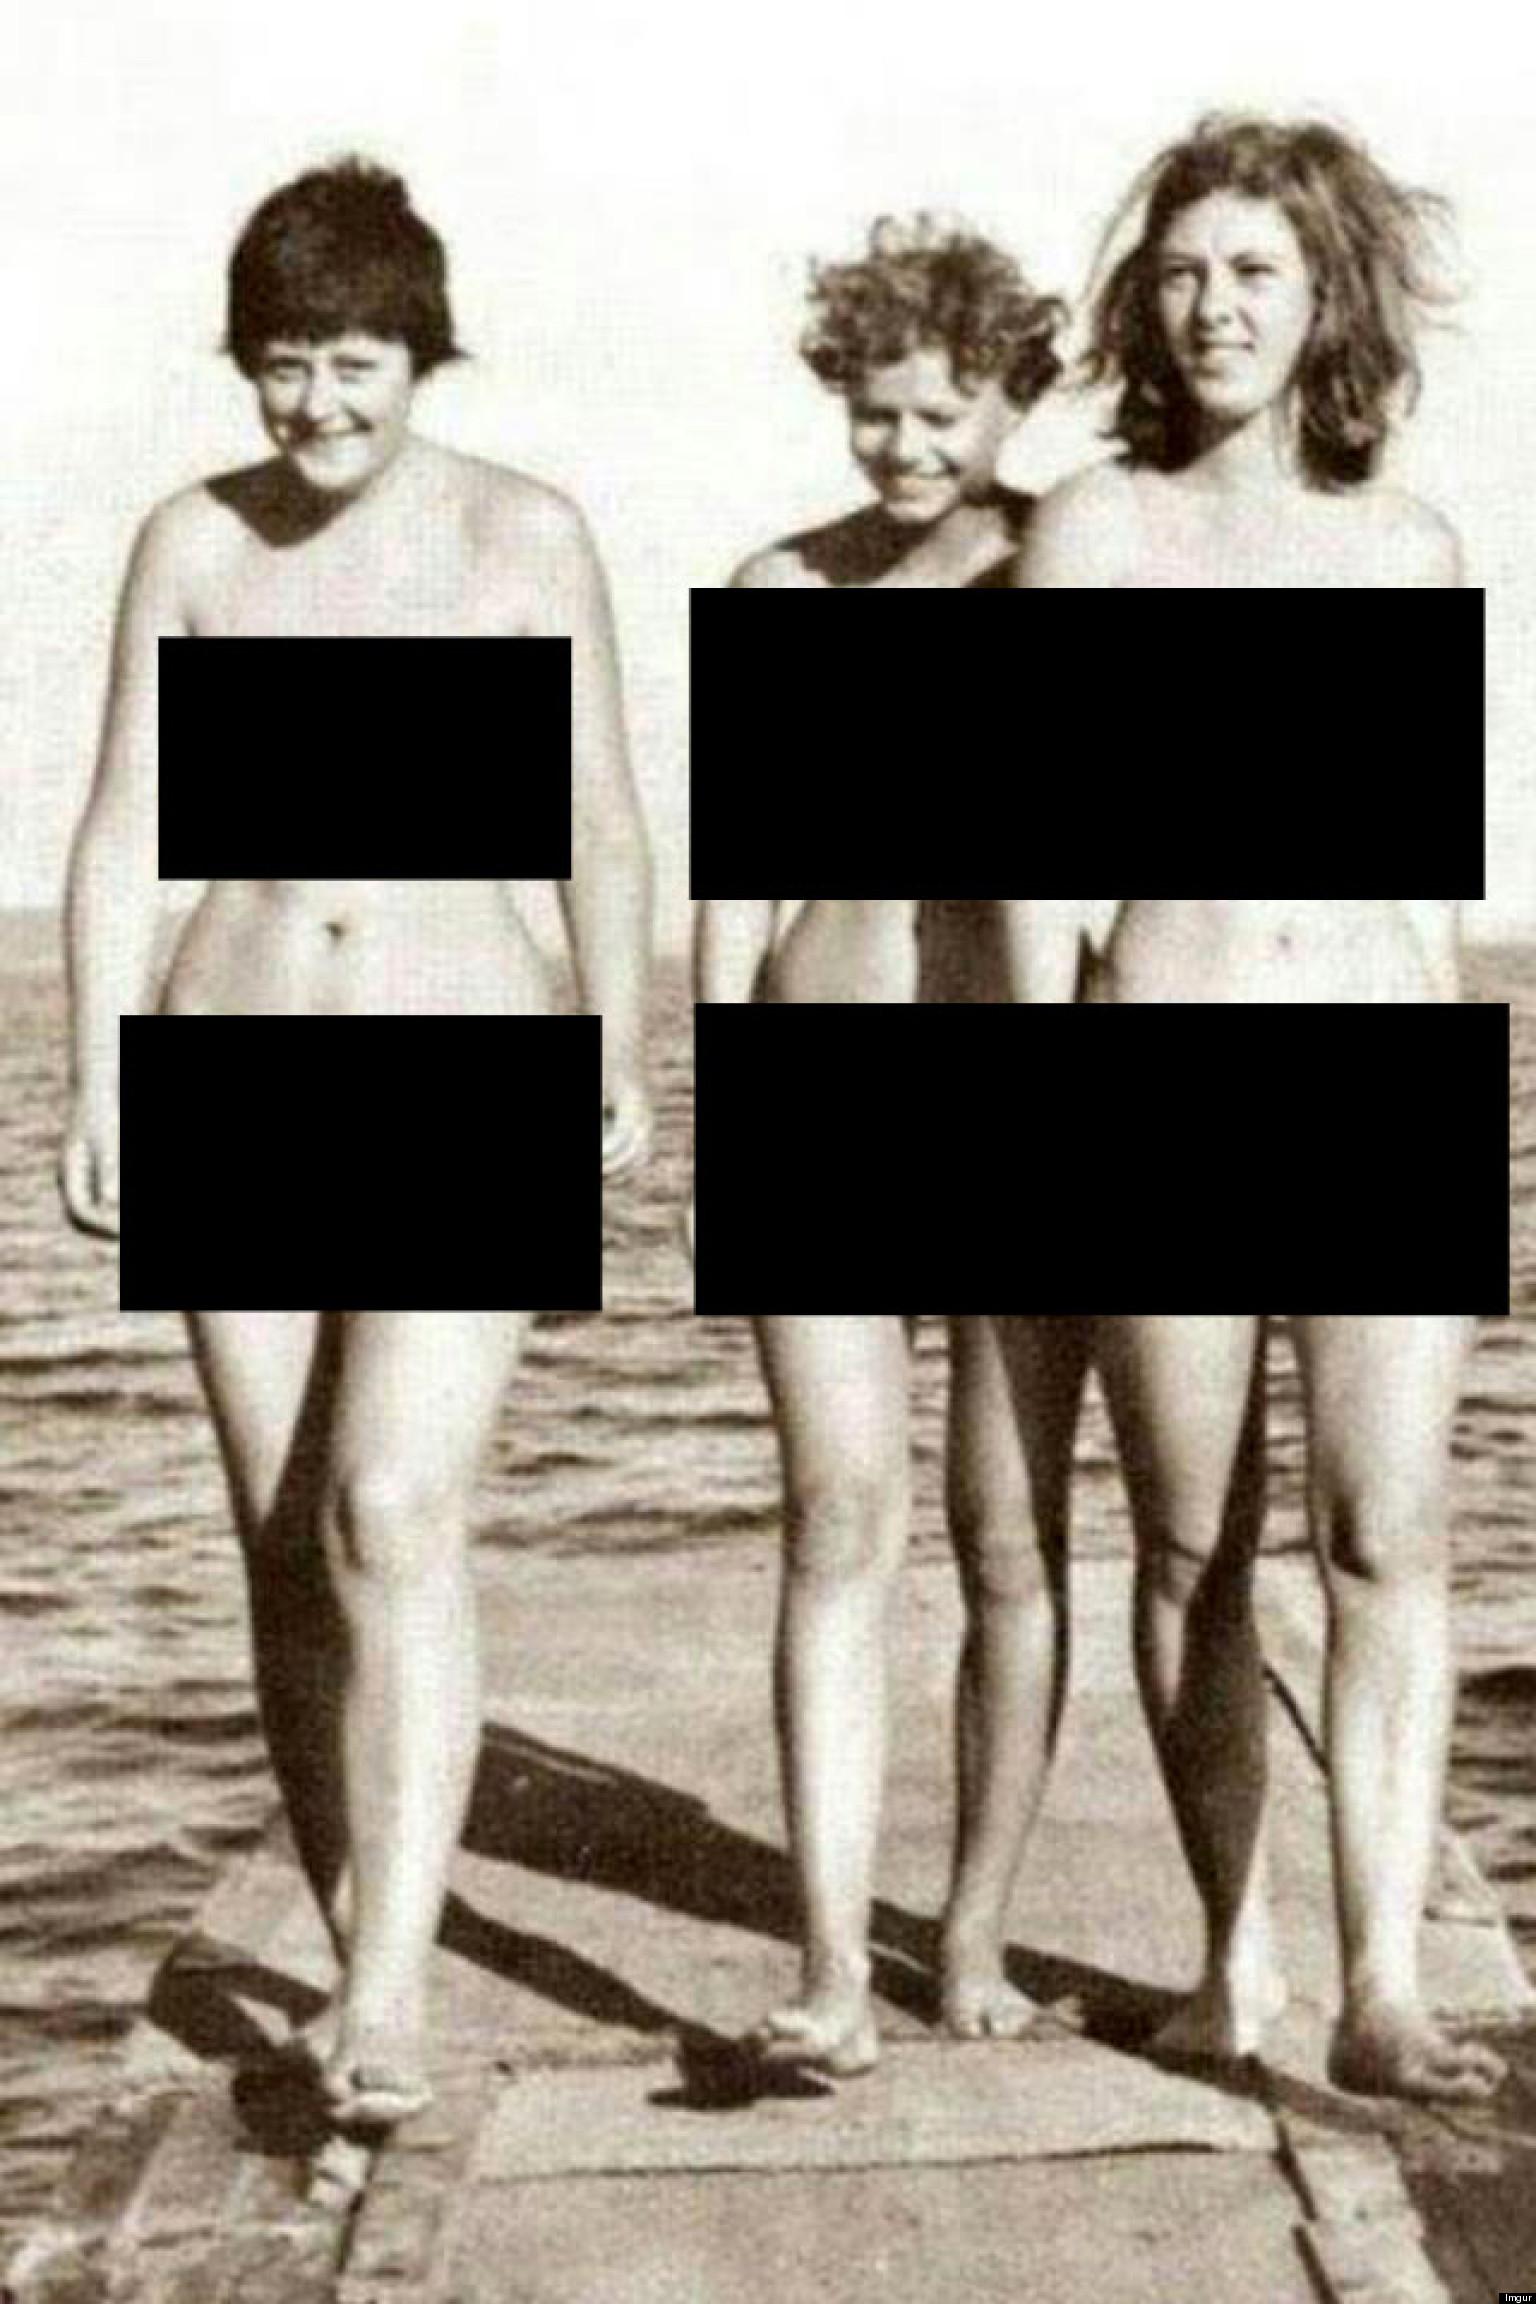 Angela Merkel Naked? April Fool Or Does Snap Show German